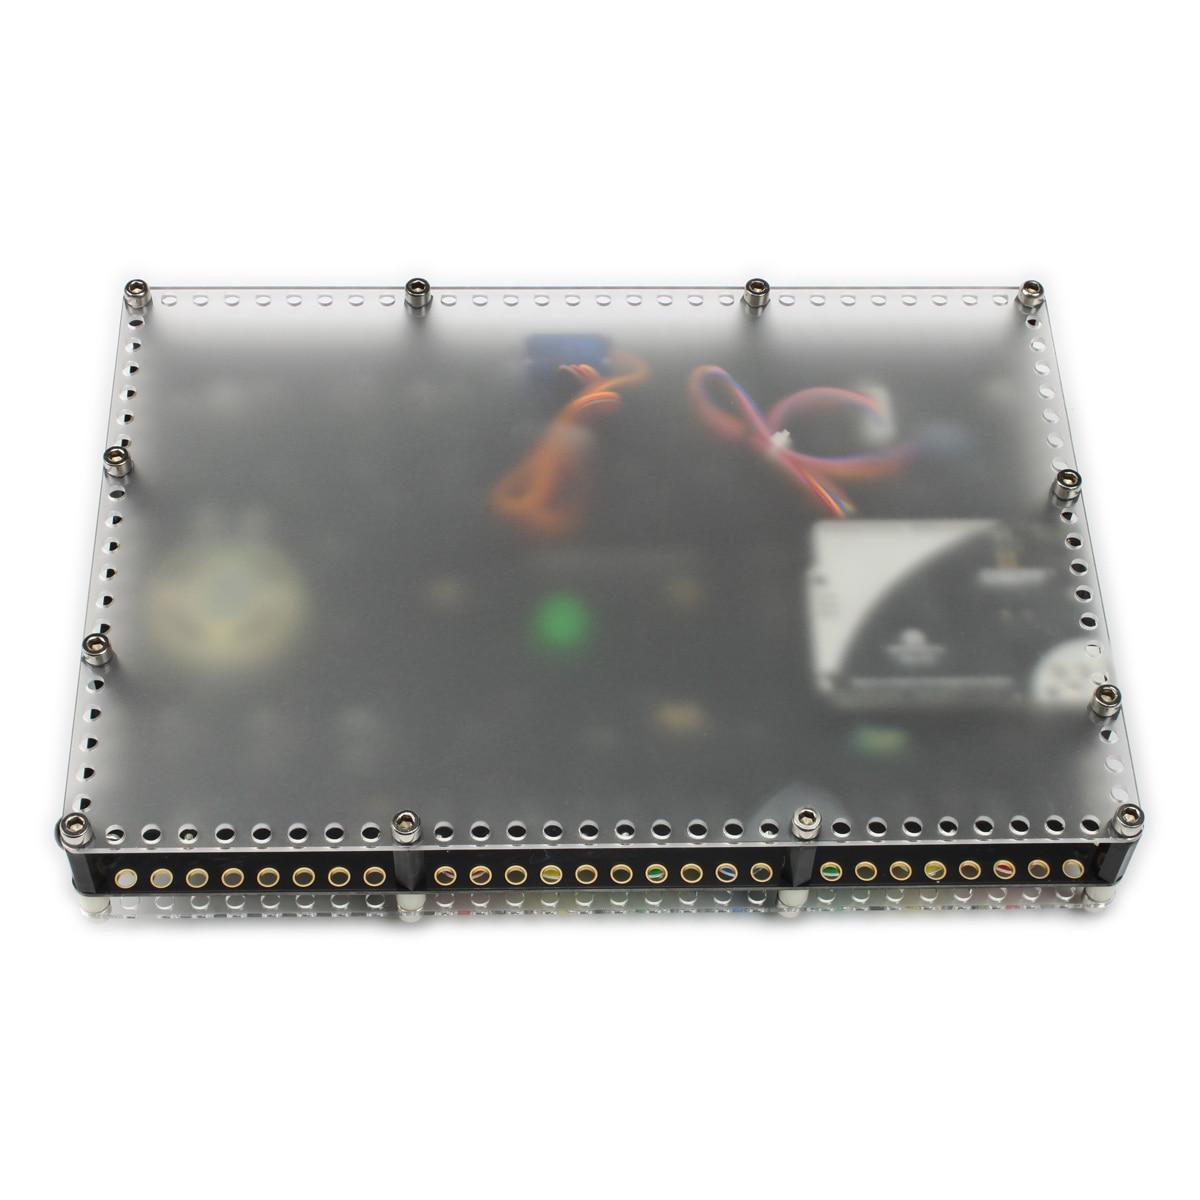 Osepp Stem Hub Alles In Een Geïntegreerde Ontwikkelomgeving-Arduino Start Kit Voor Programmering Elektronische Beginer 6